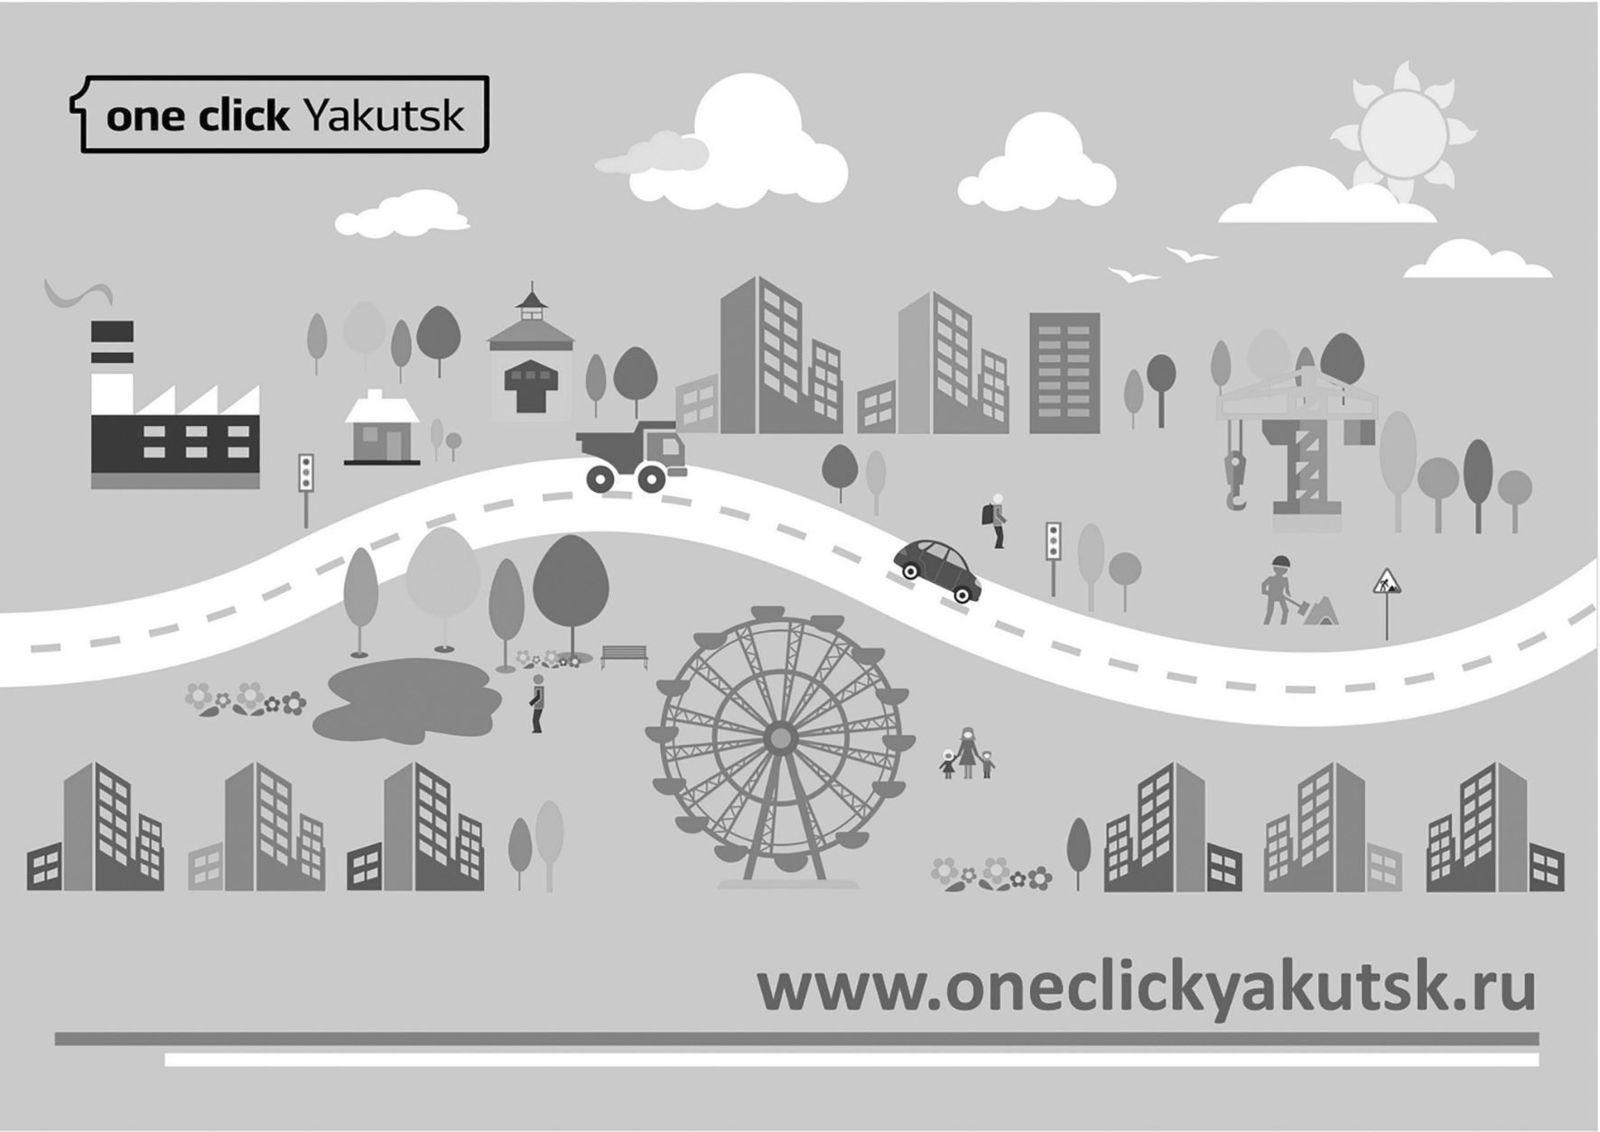 Год портала One click Yakutsk в цифрах и фактах